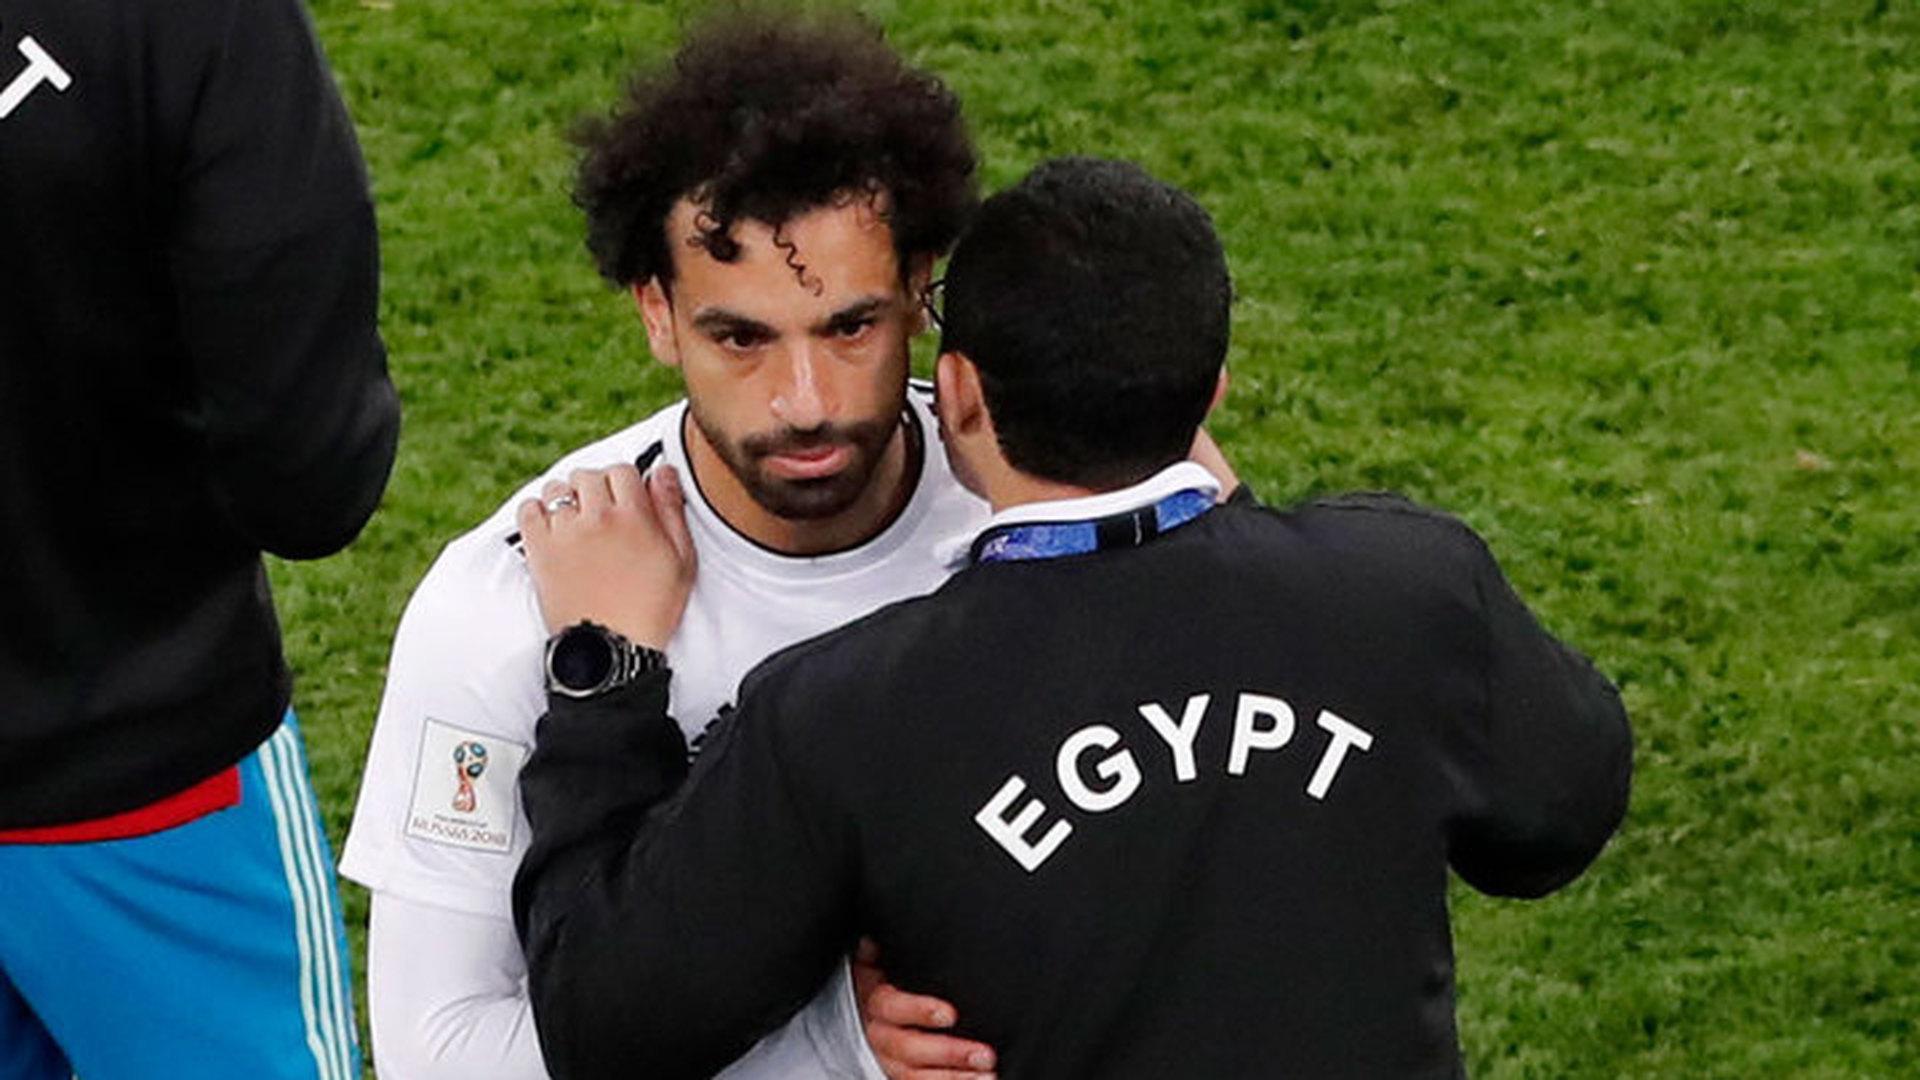 ФИФА оценит неявку Салаха на пресс-конференцию после игры с Саудовской Аравией